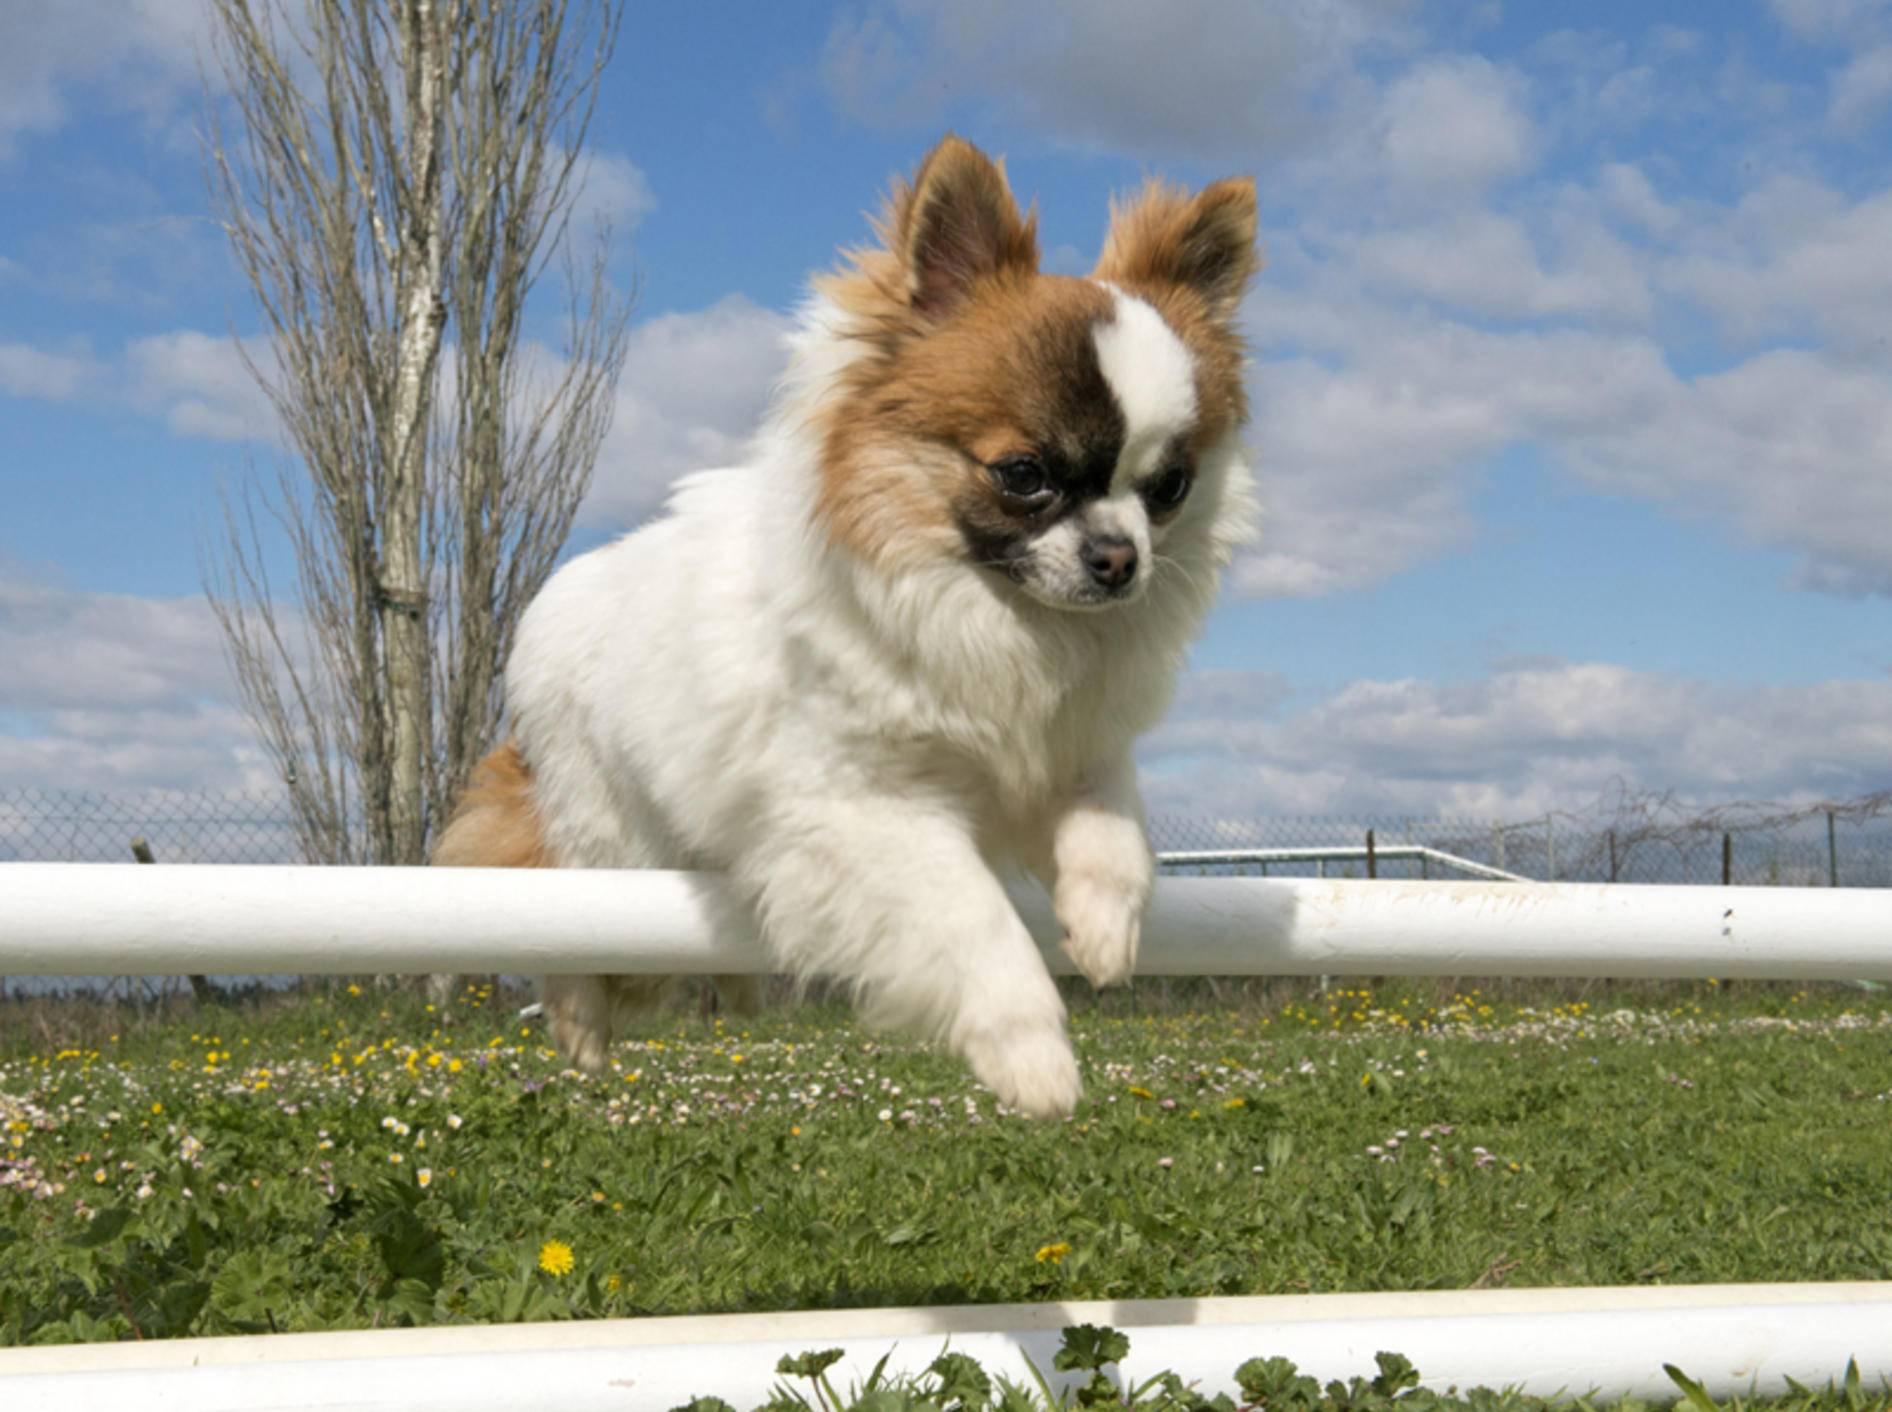 Auch kleine Chihuahua-Welpen haben bereits viel Spaß beim Hundesport wie Agility – Shutterstock / cynoclub